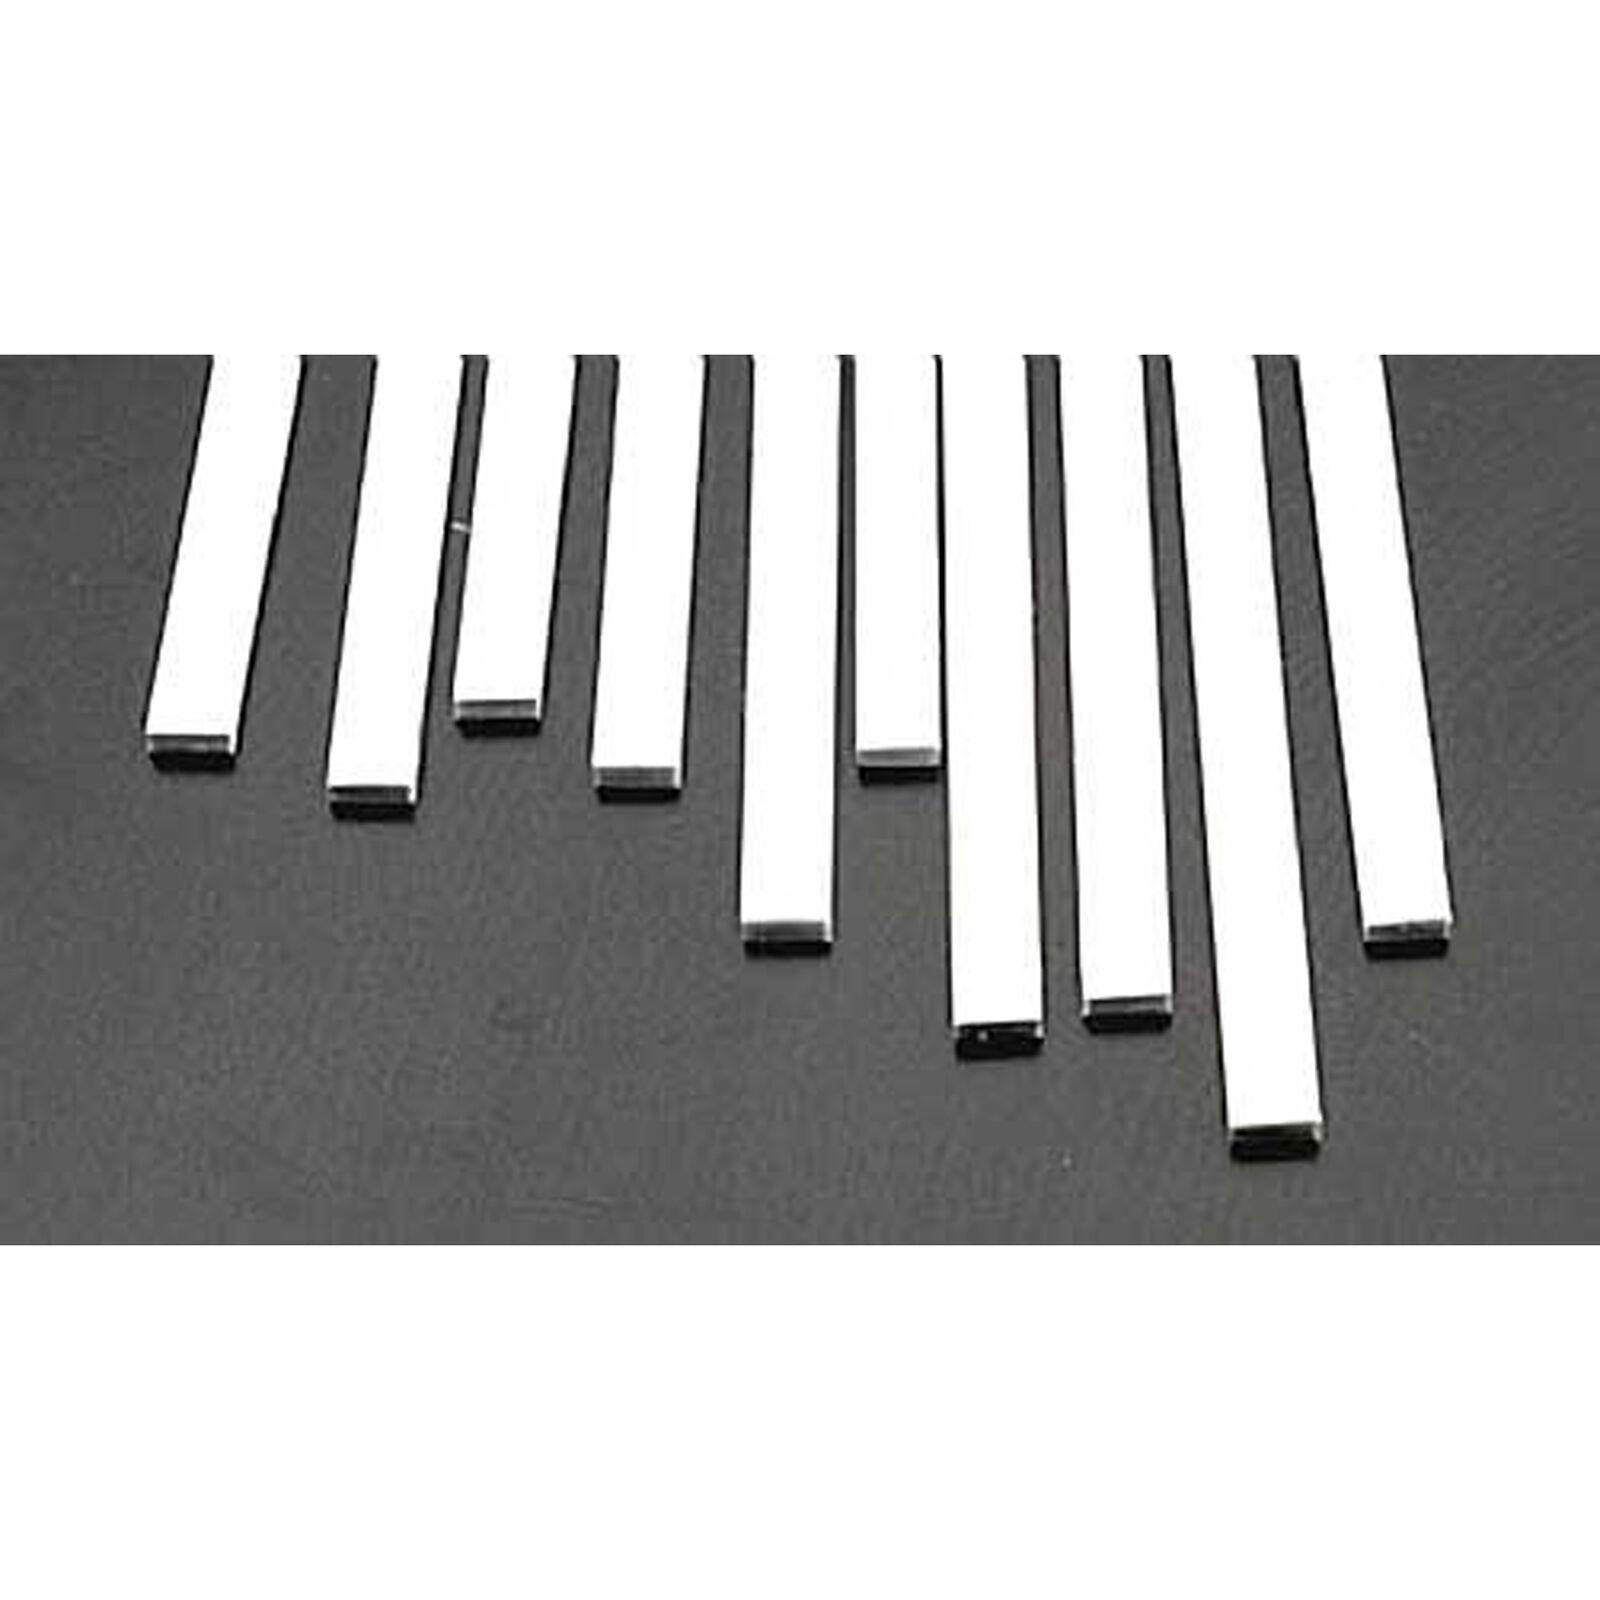 MS-1025 Rect Strip,.100x.250(10)